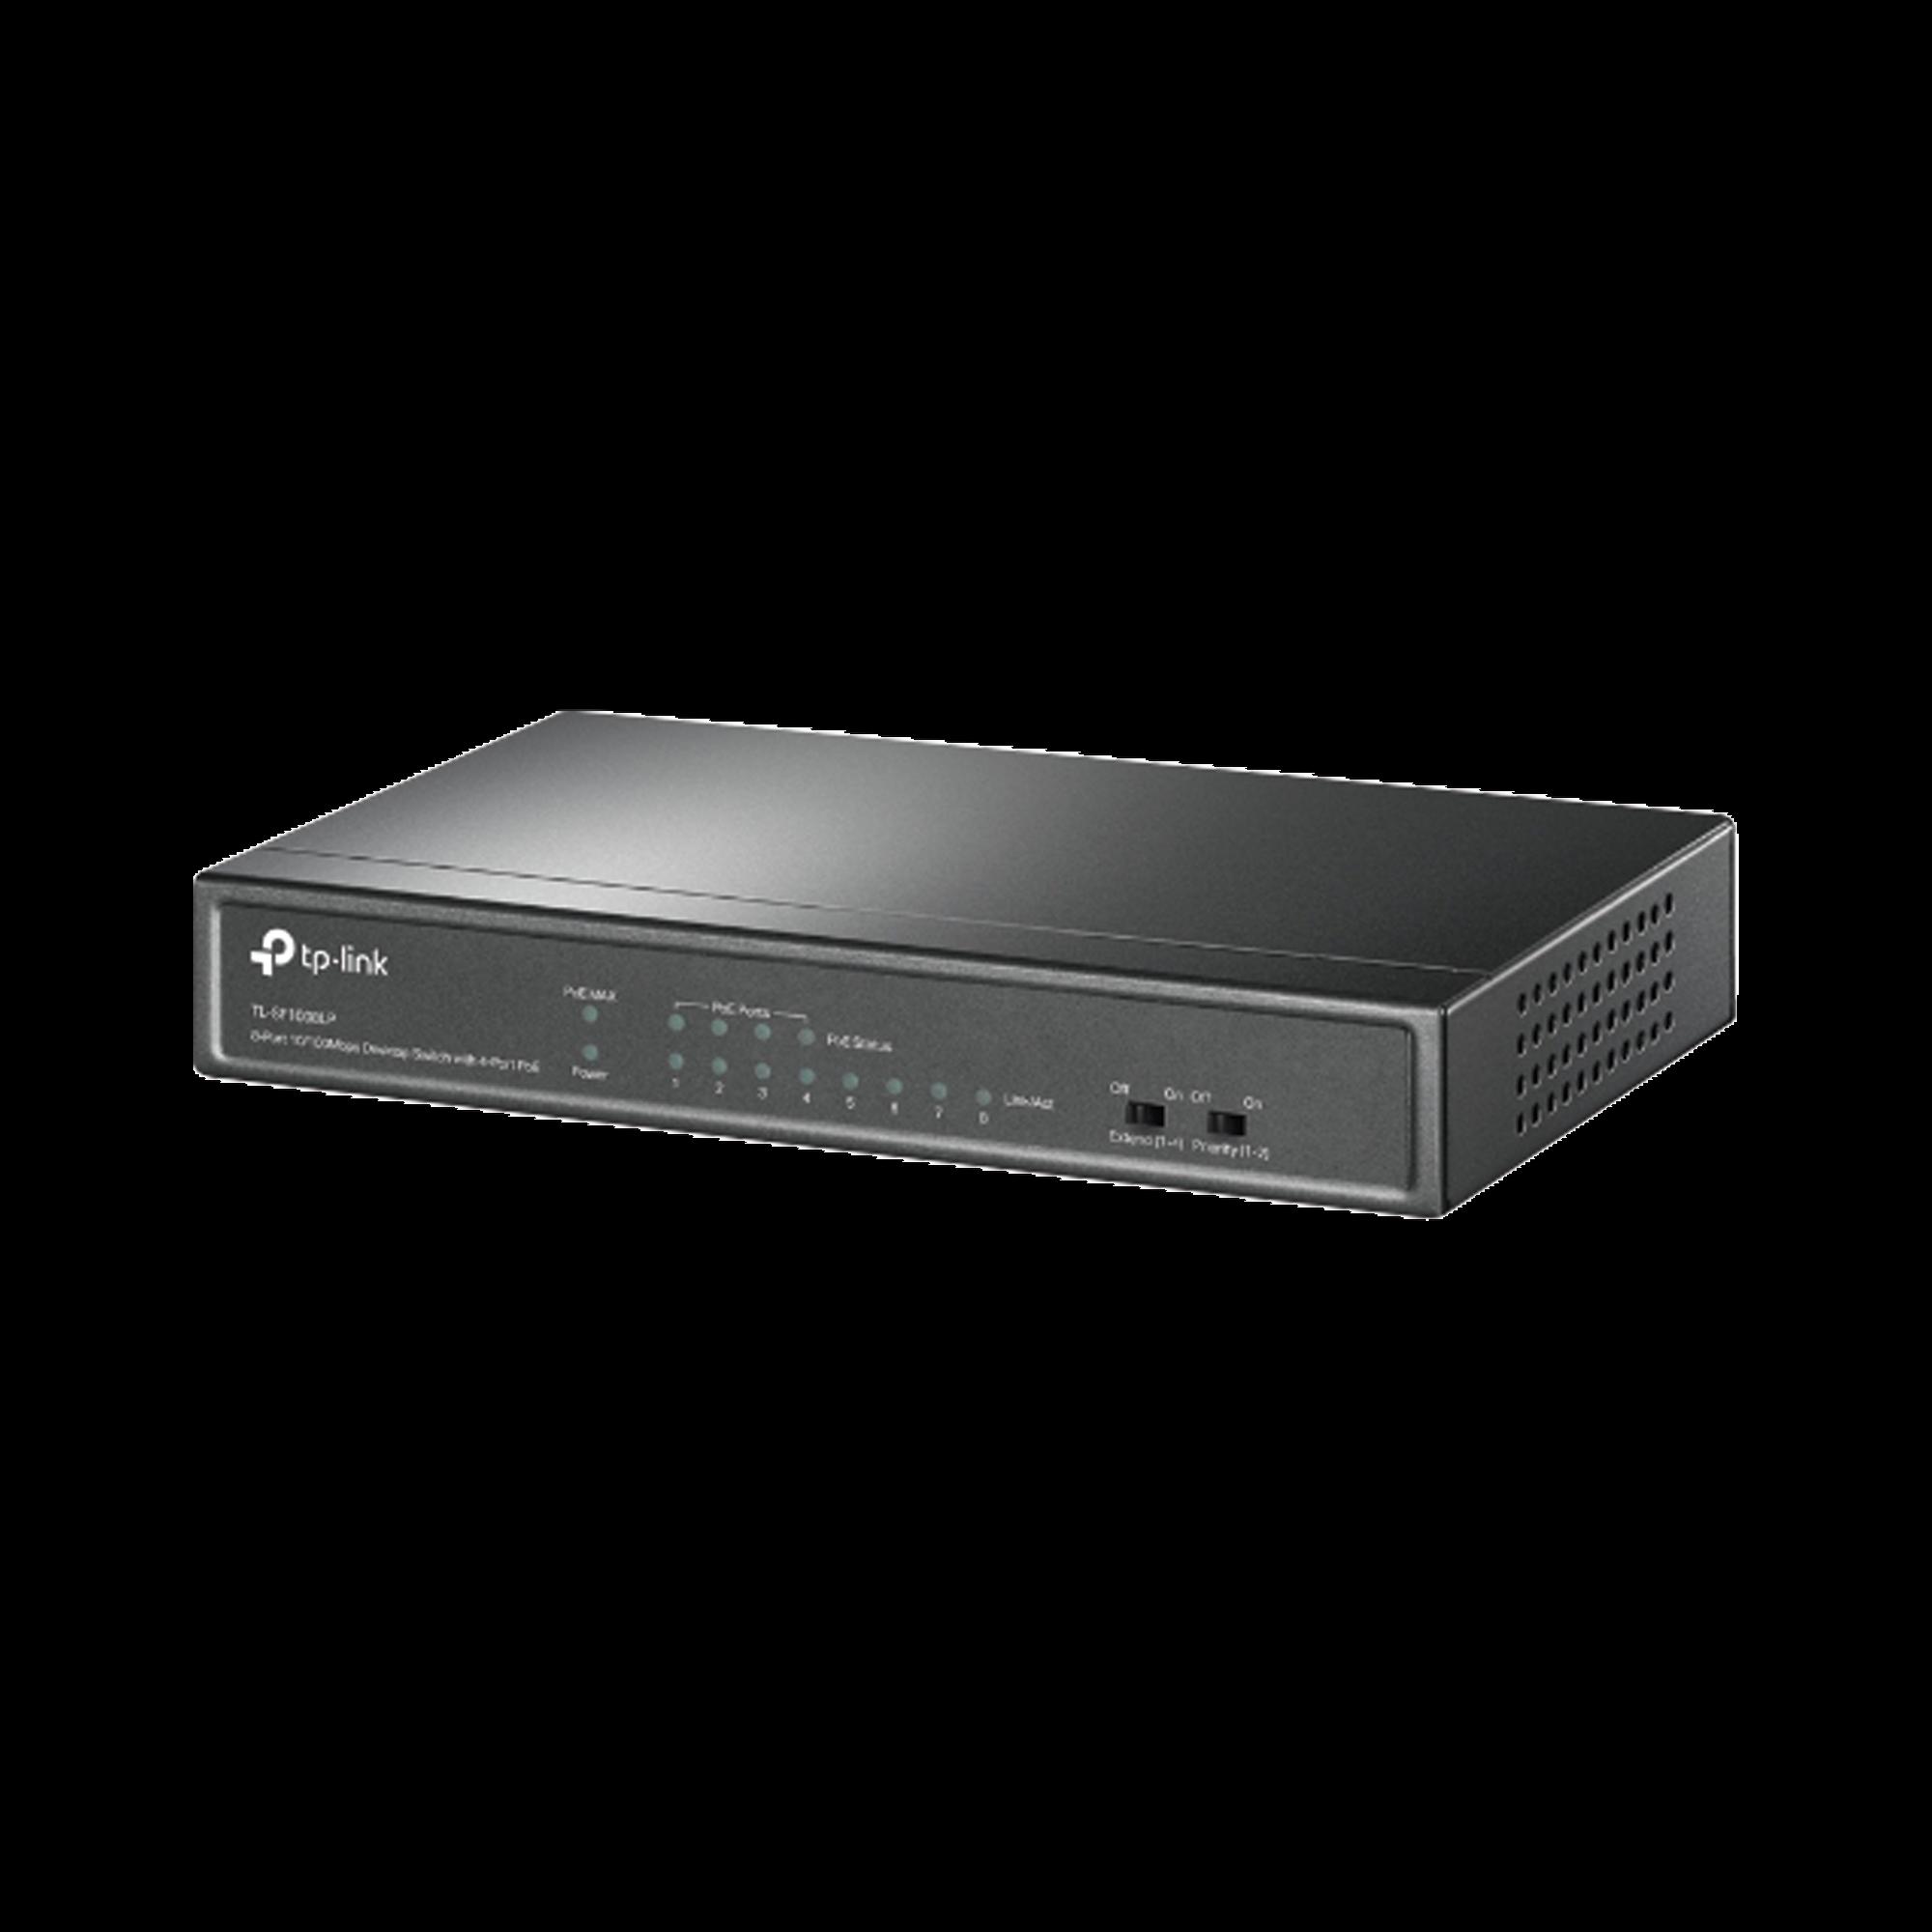 Switch PoE no Administrable de escritorio 8 puertos 10/100 Mbps, 4 puertos PoE, 41 W, modo extensor PoE hasta 250 metros.